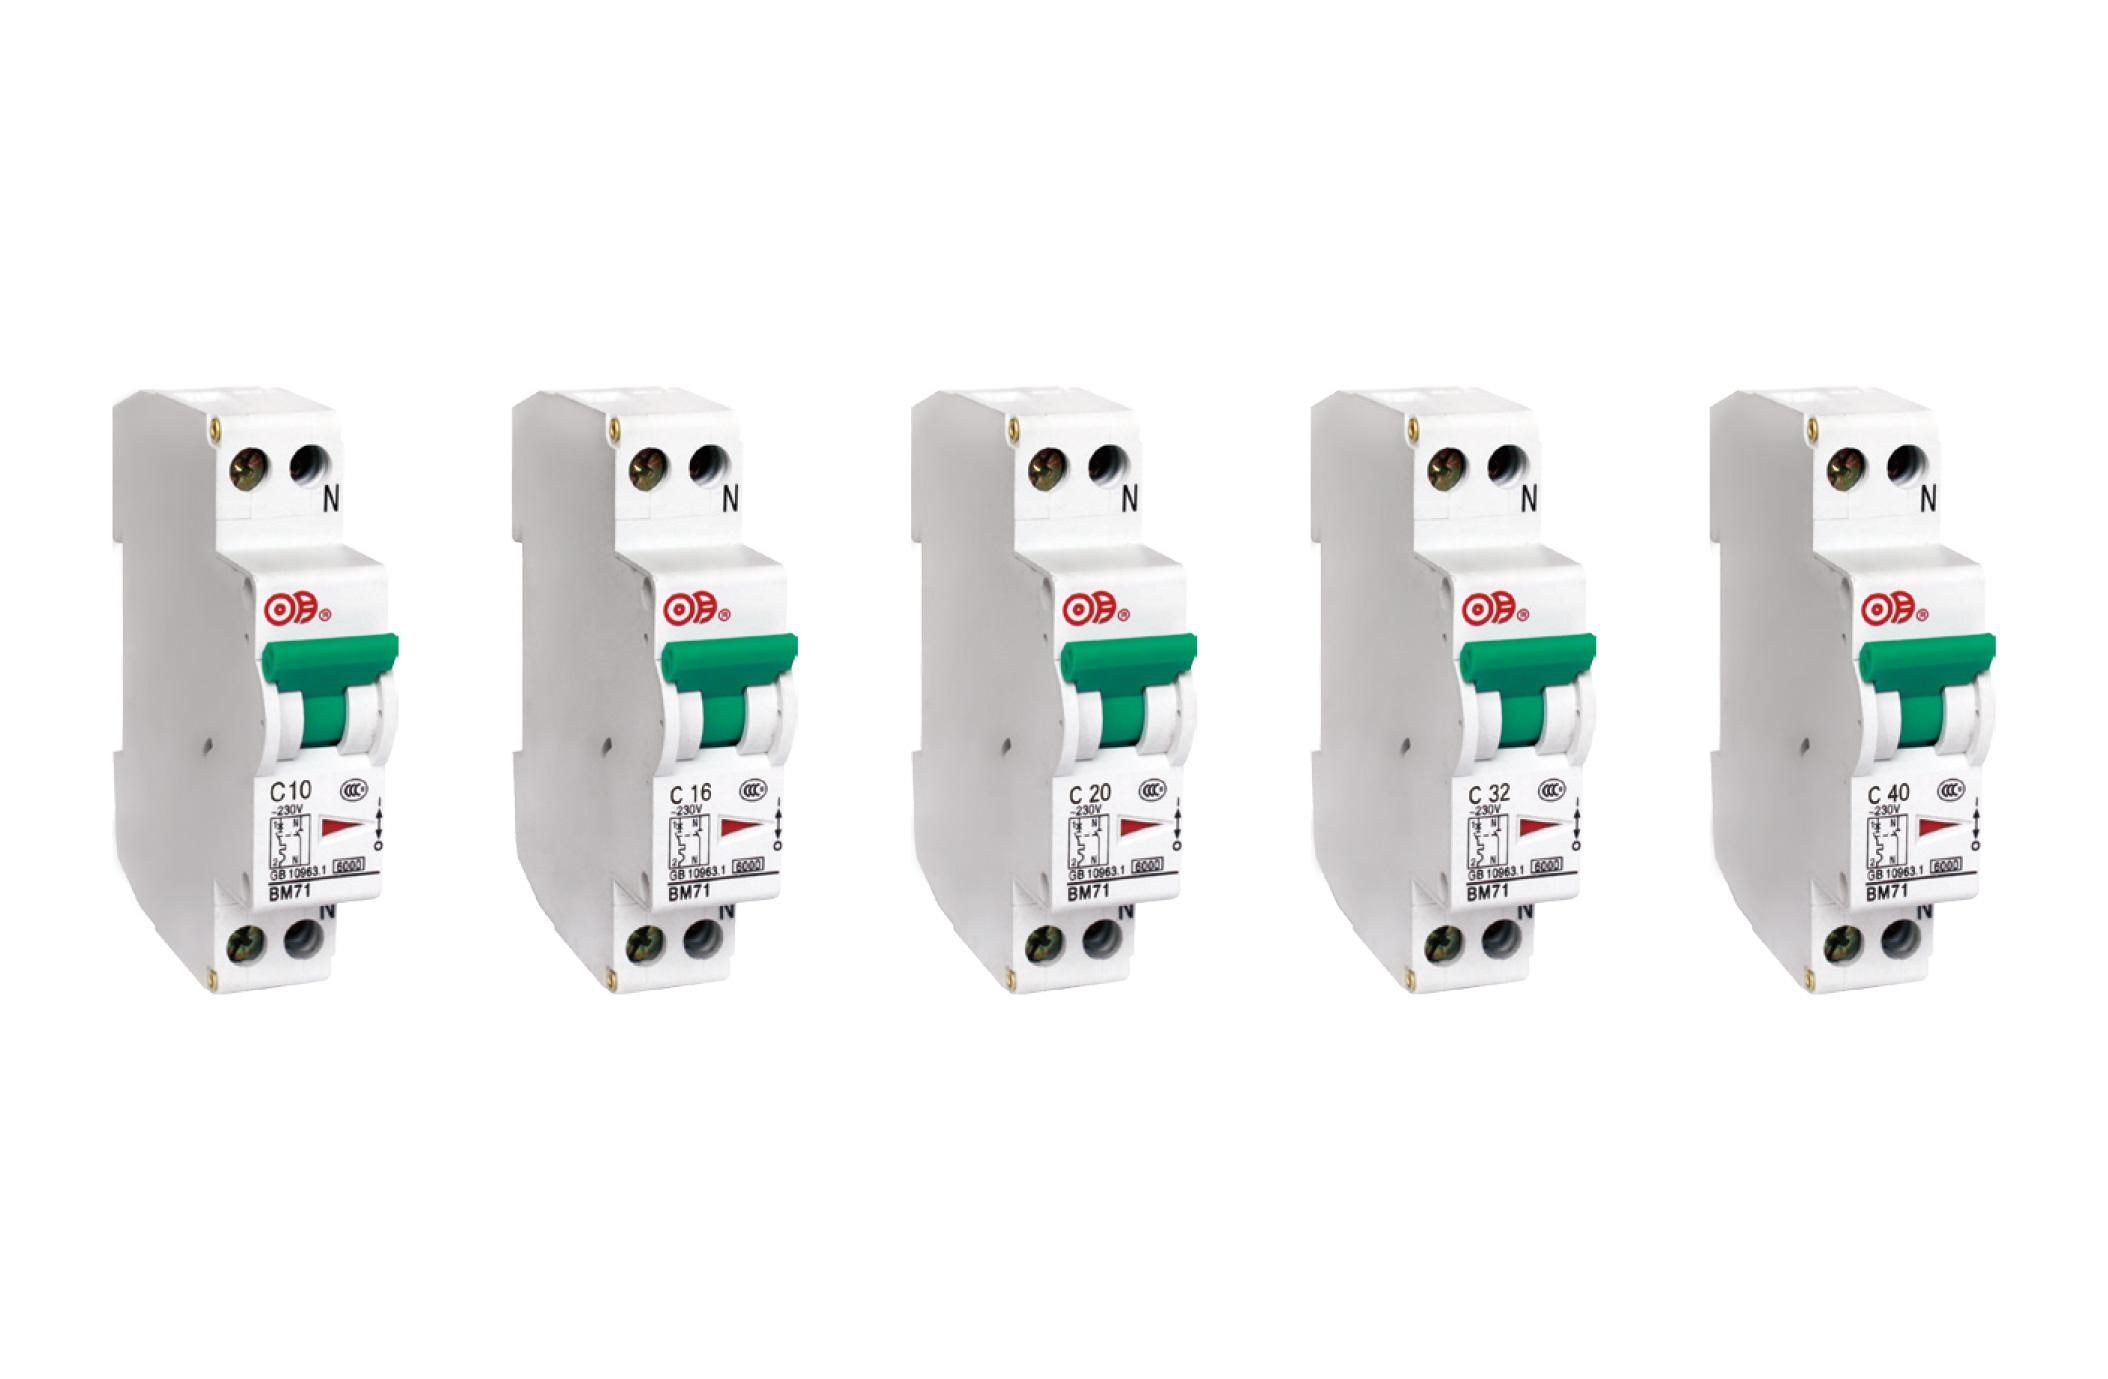 BM71 系列帶過電流保護的小型斷路器